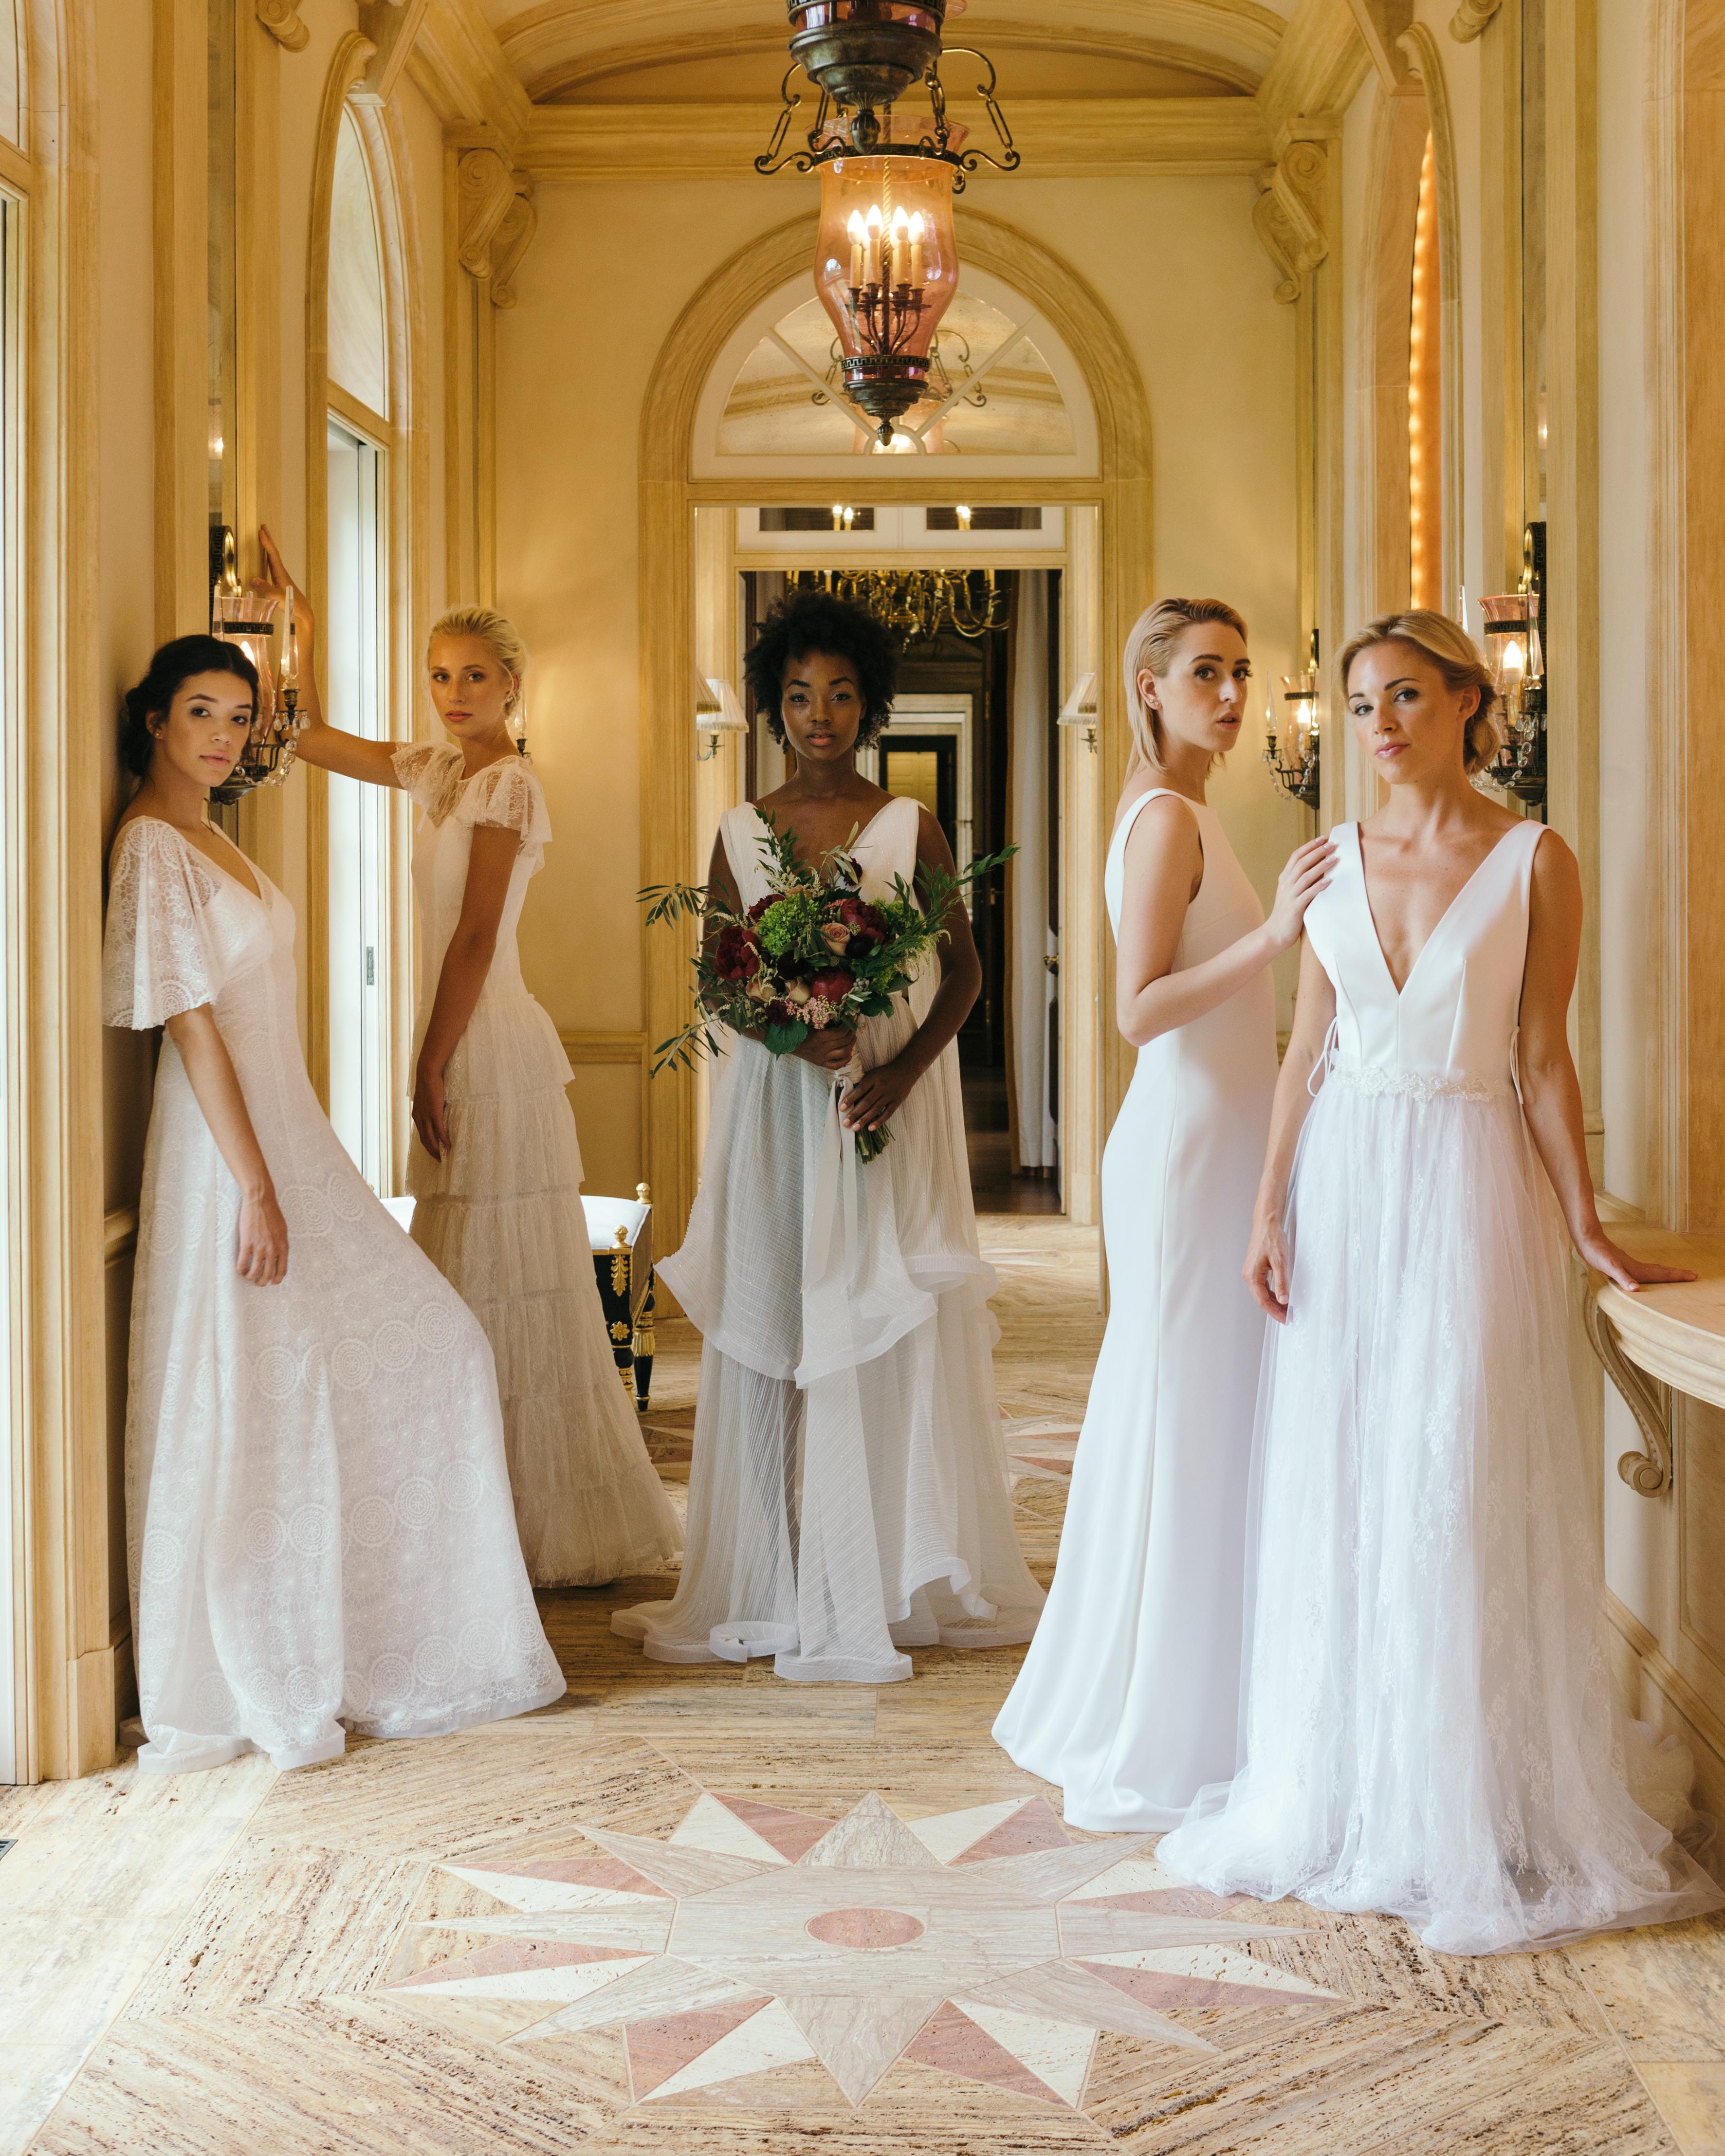 Vineyard Wedding: Amazing Weddings - Trump Winery